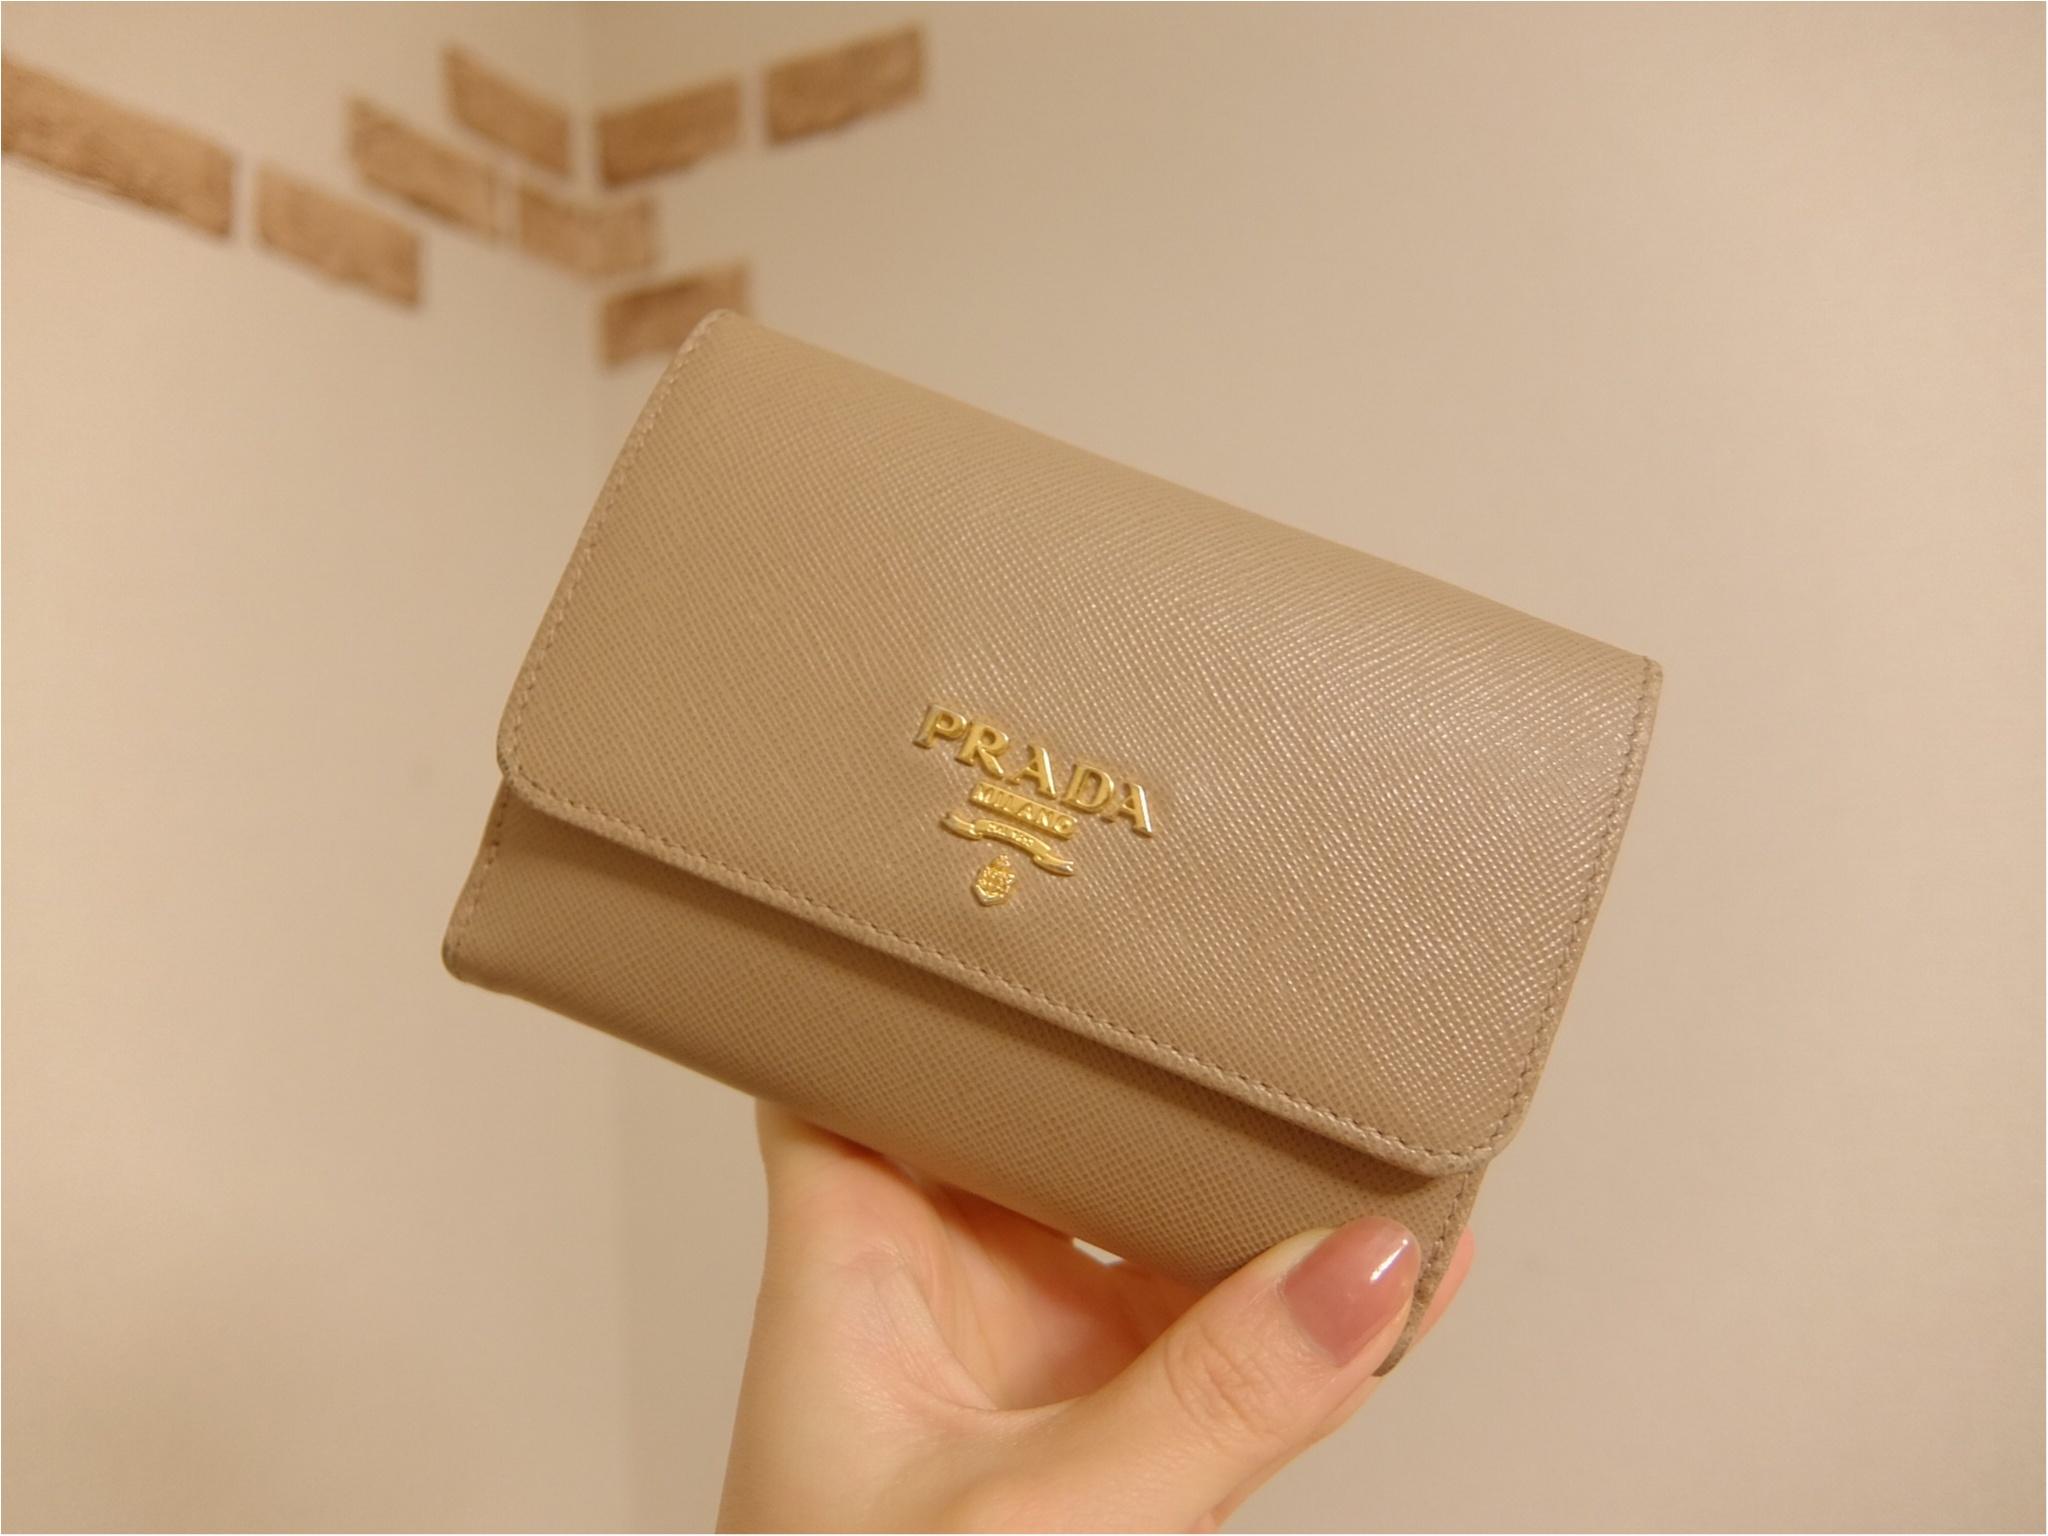 愛用財布は【PRADA】♡二つ折り派さん必見の≪カード収納術≫も紹介!_1